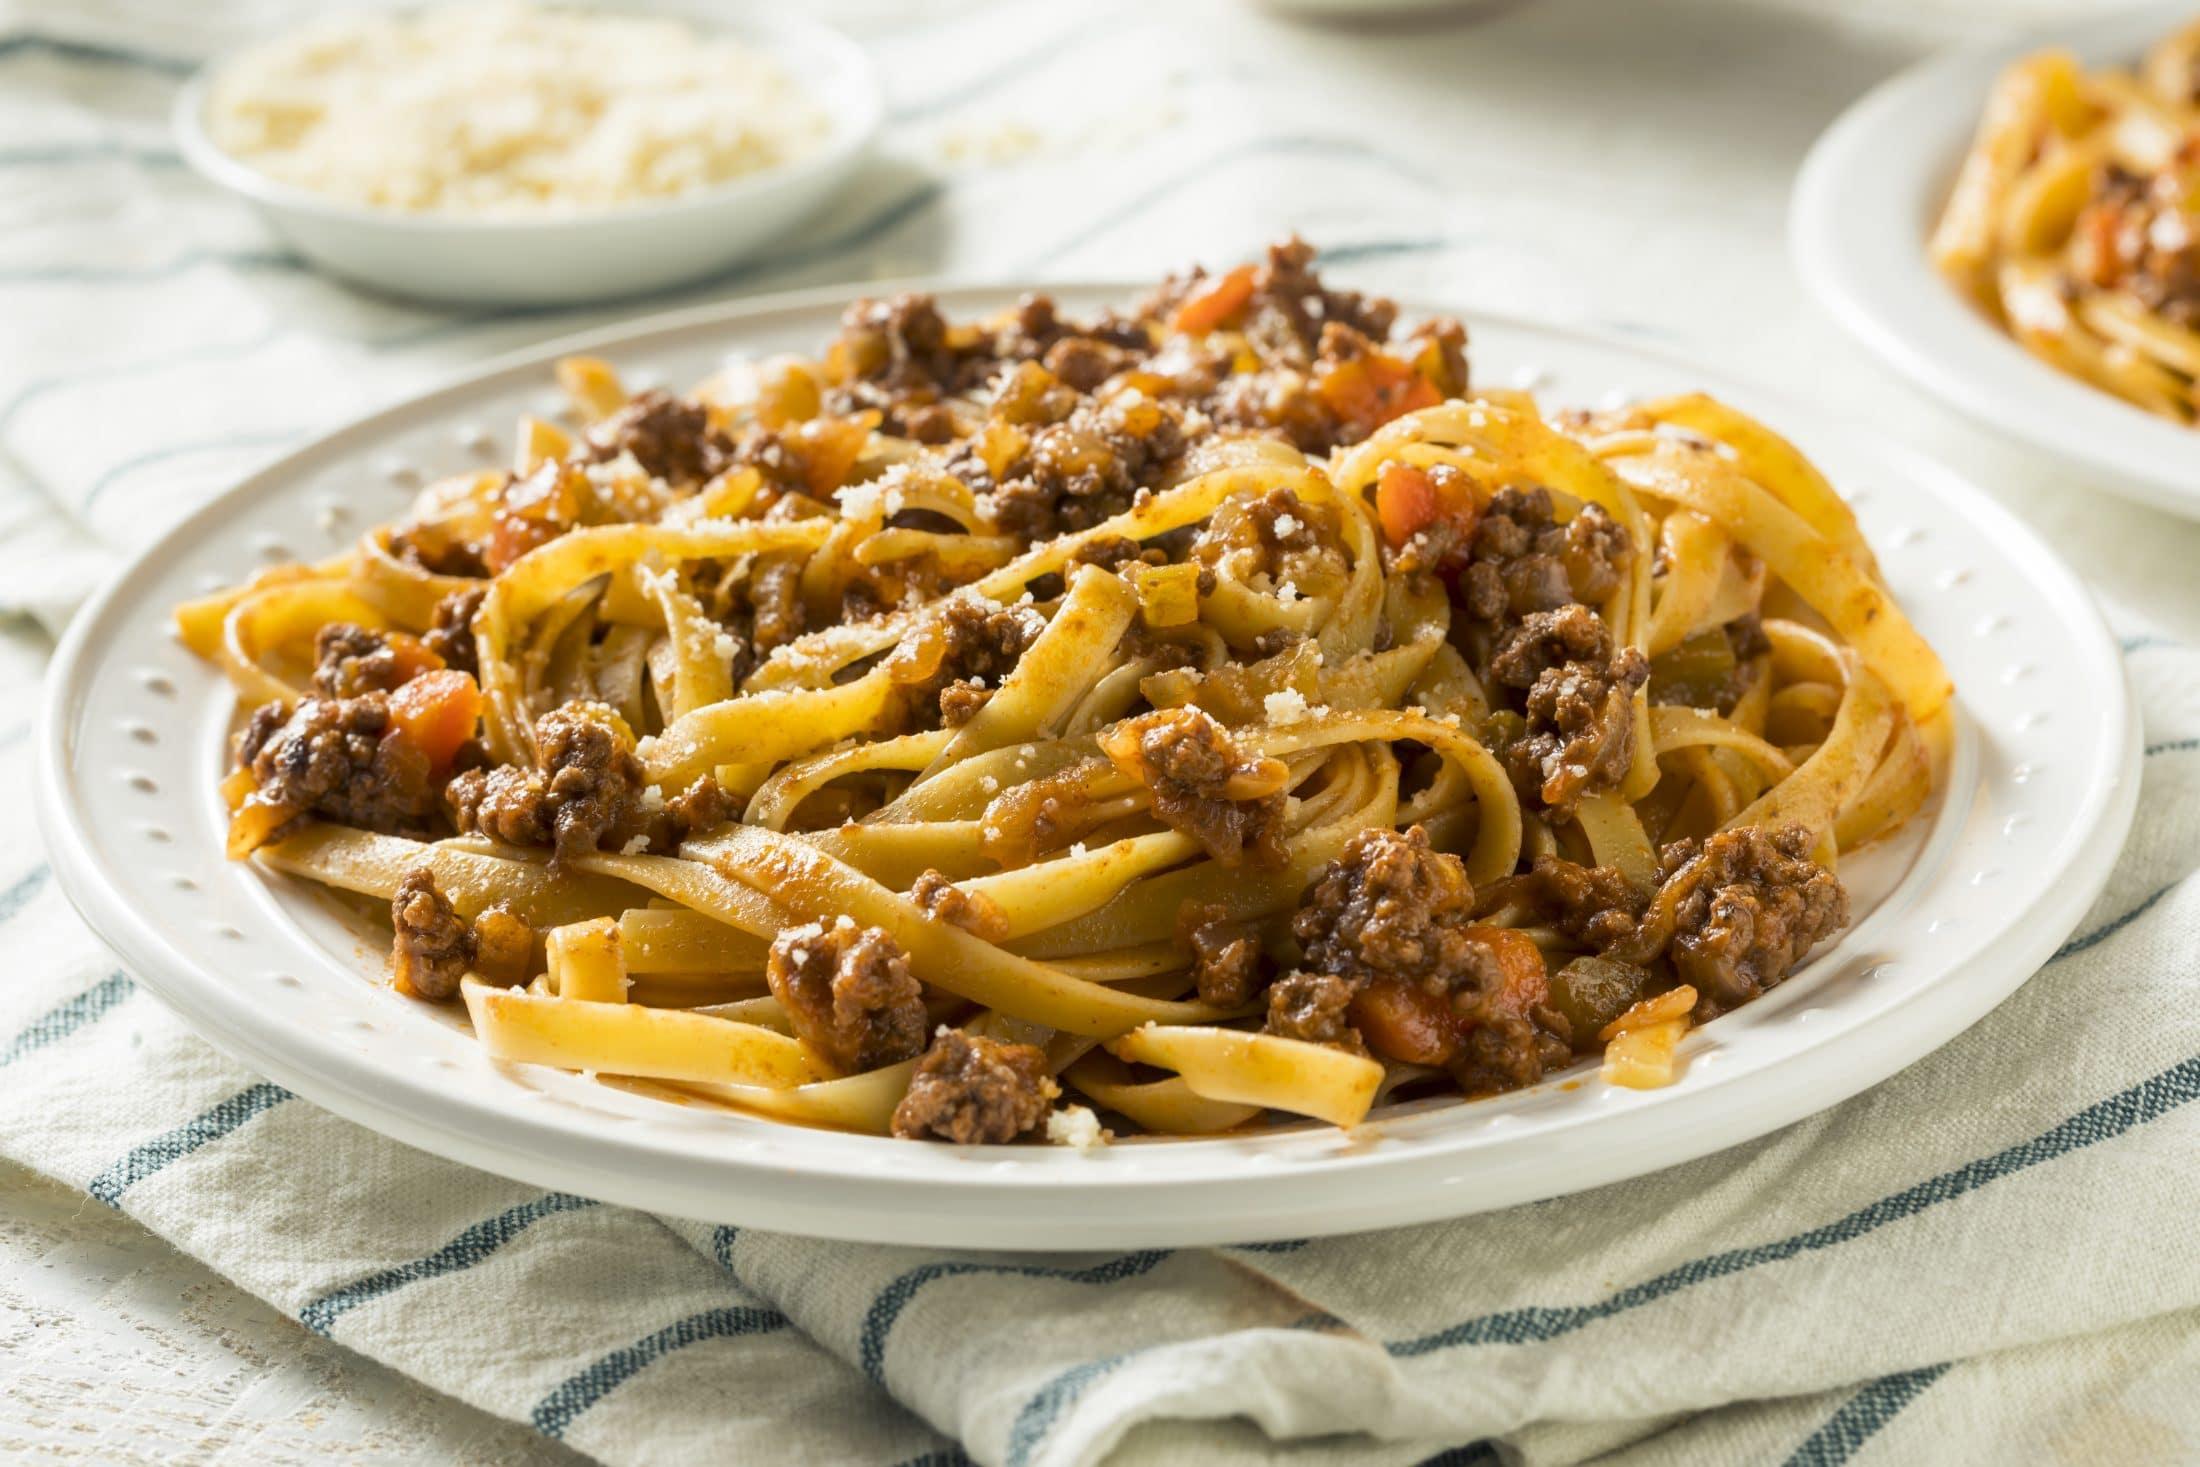 """Főzzétek és keressétek az """"igazit""""! Gianni a bolognai raguról mesél (Recepttel) - Dining Guide"""